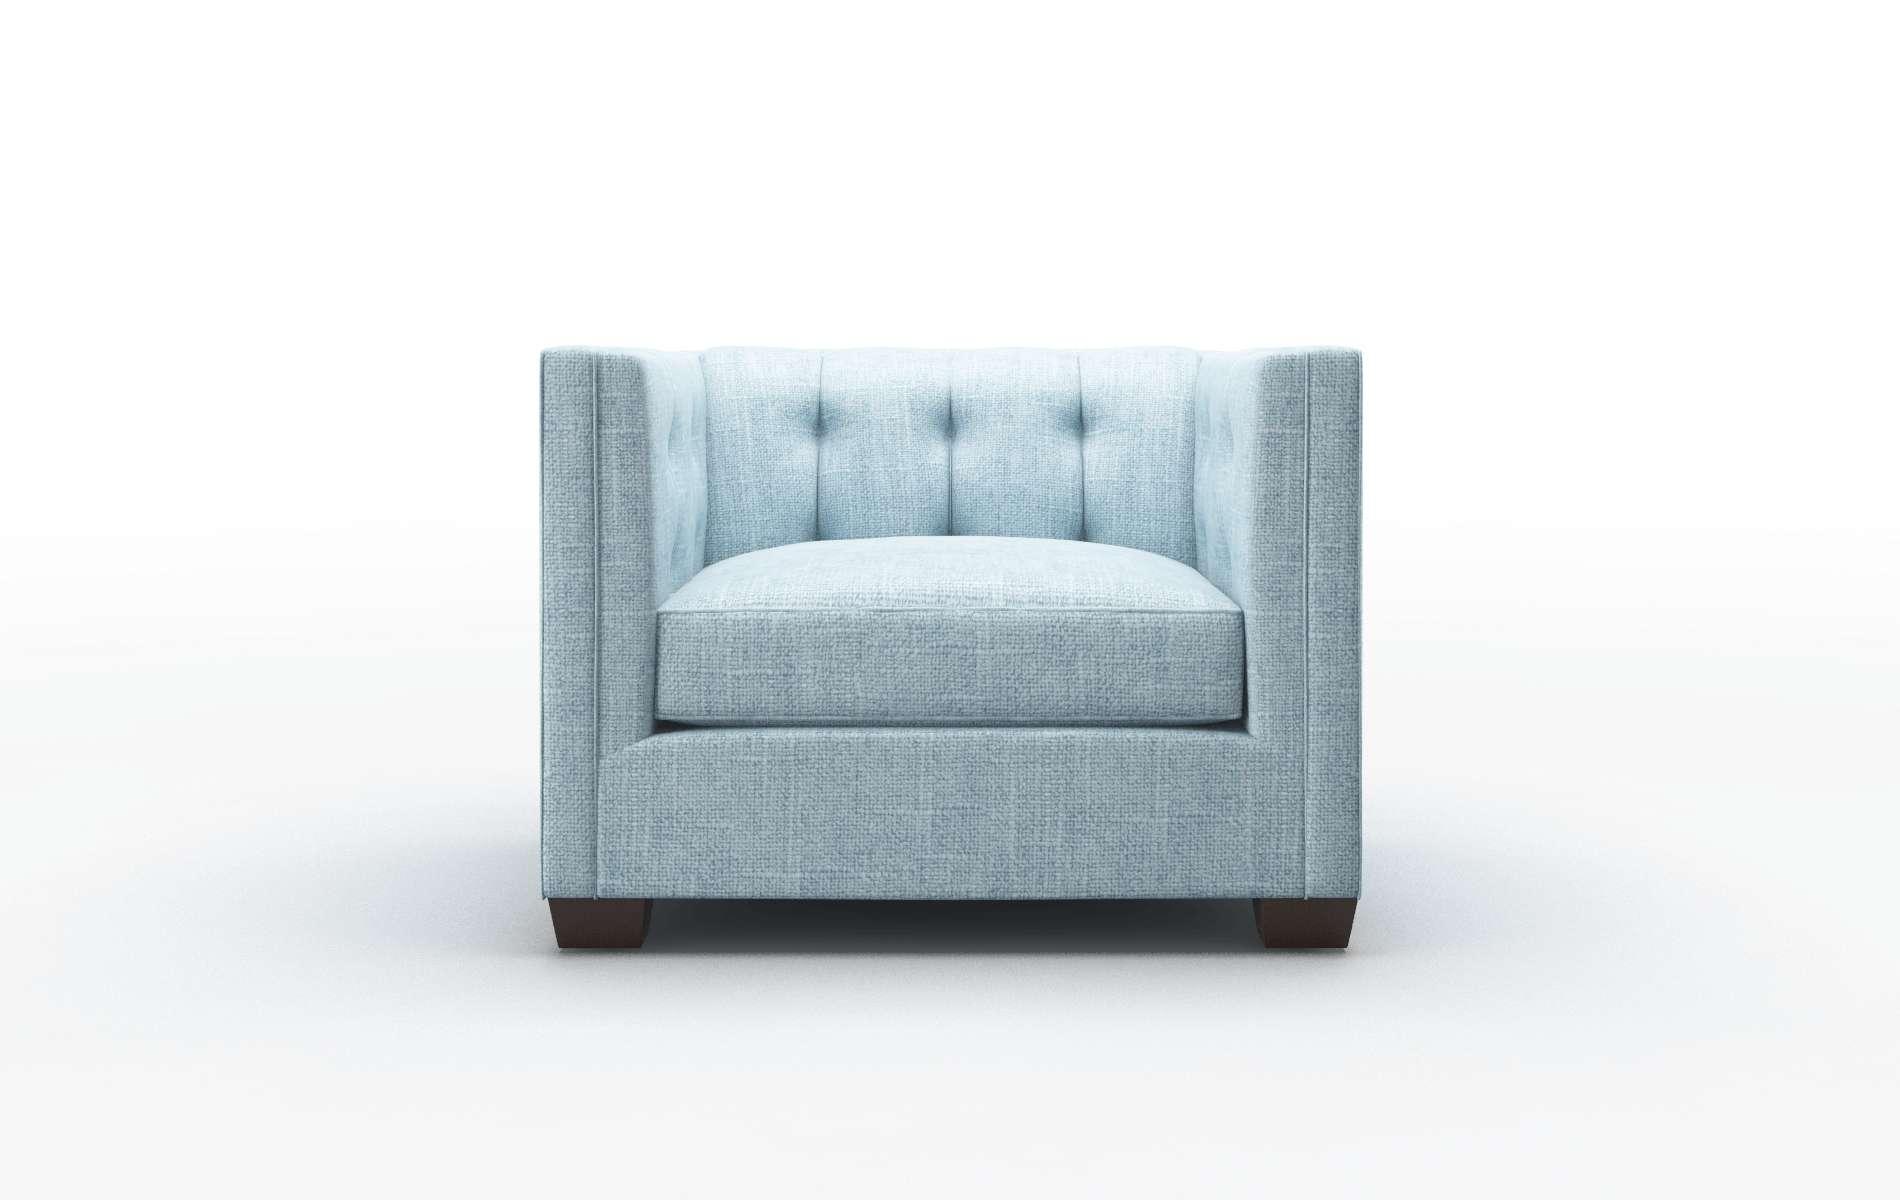 Grant Atlas Turquoise Chair espresso legs 1